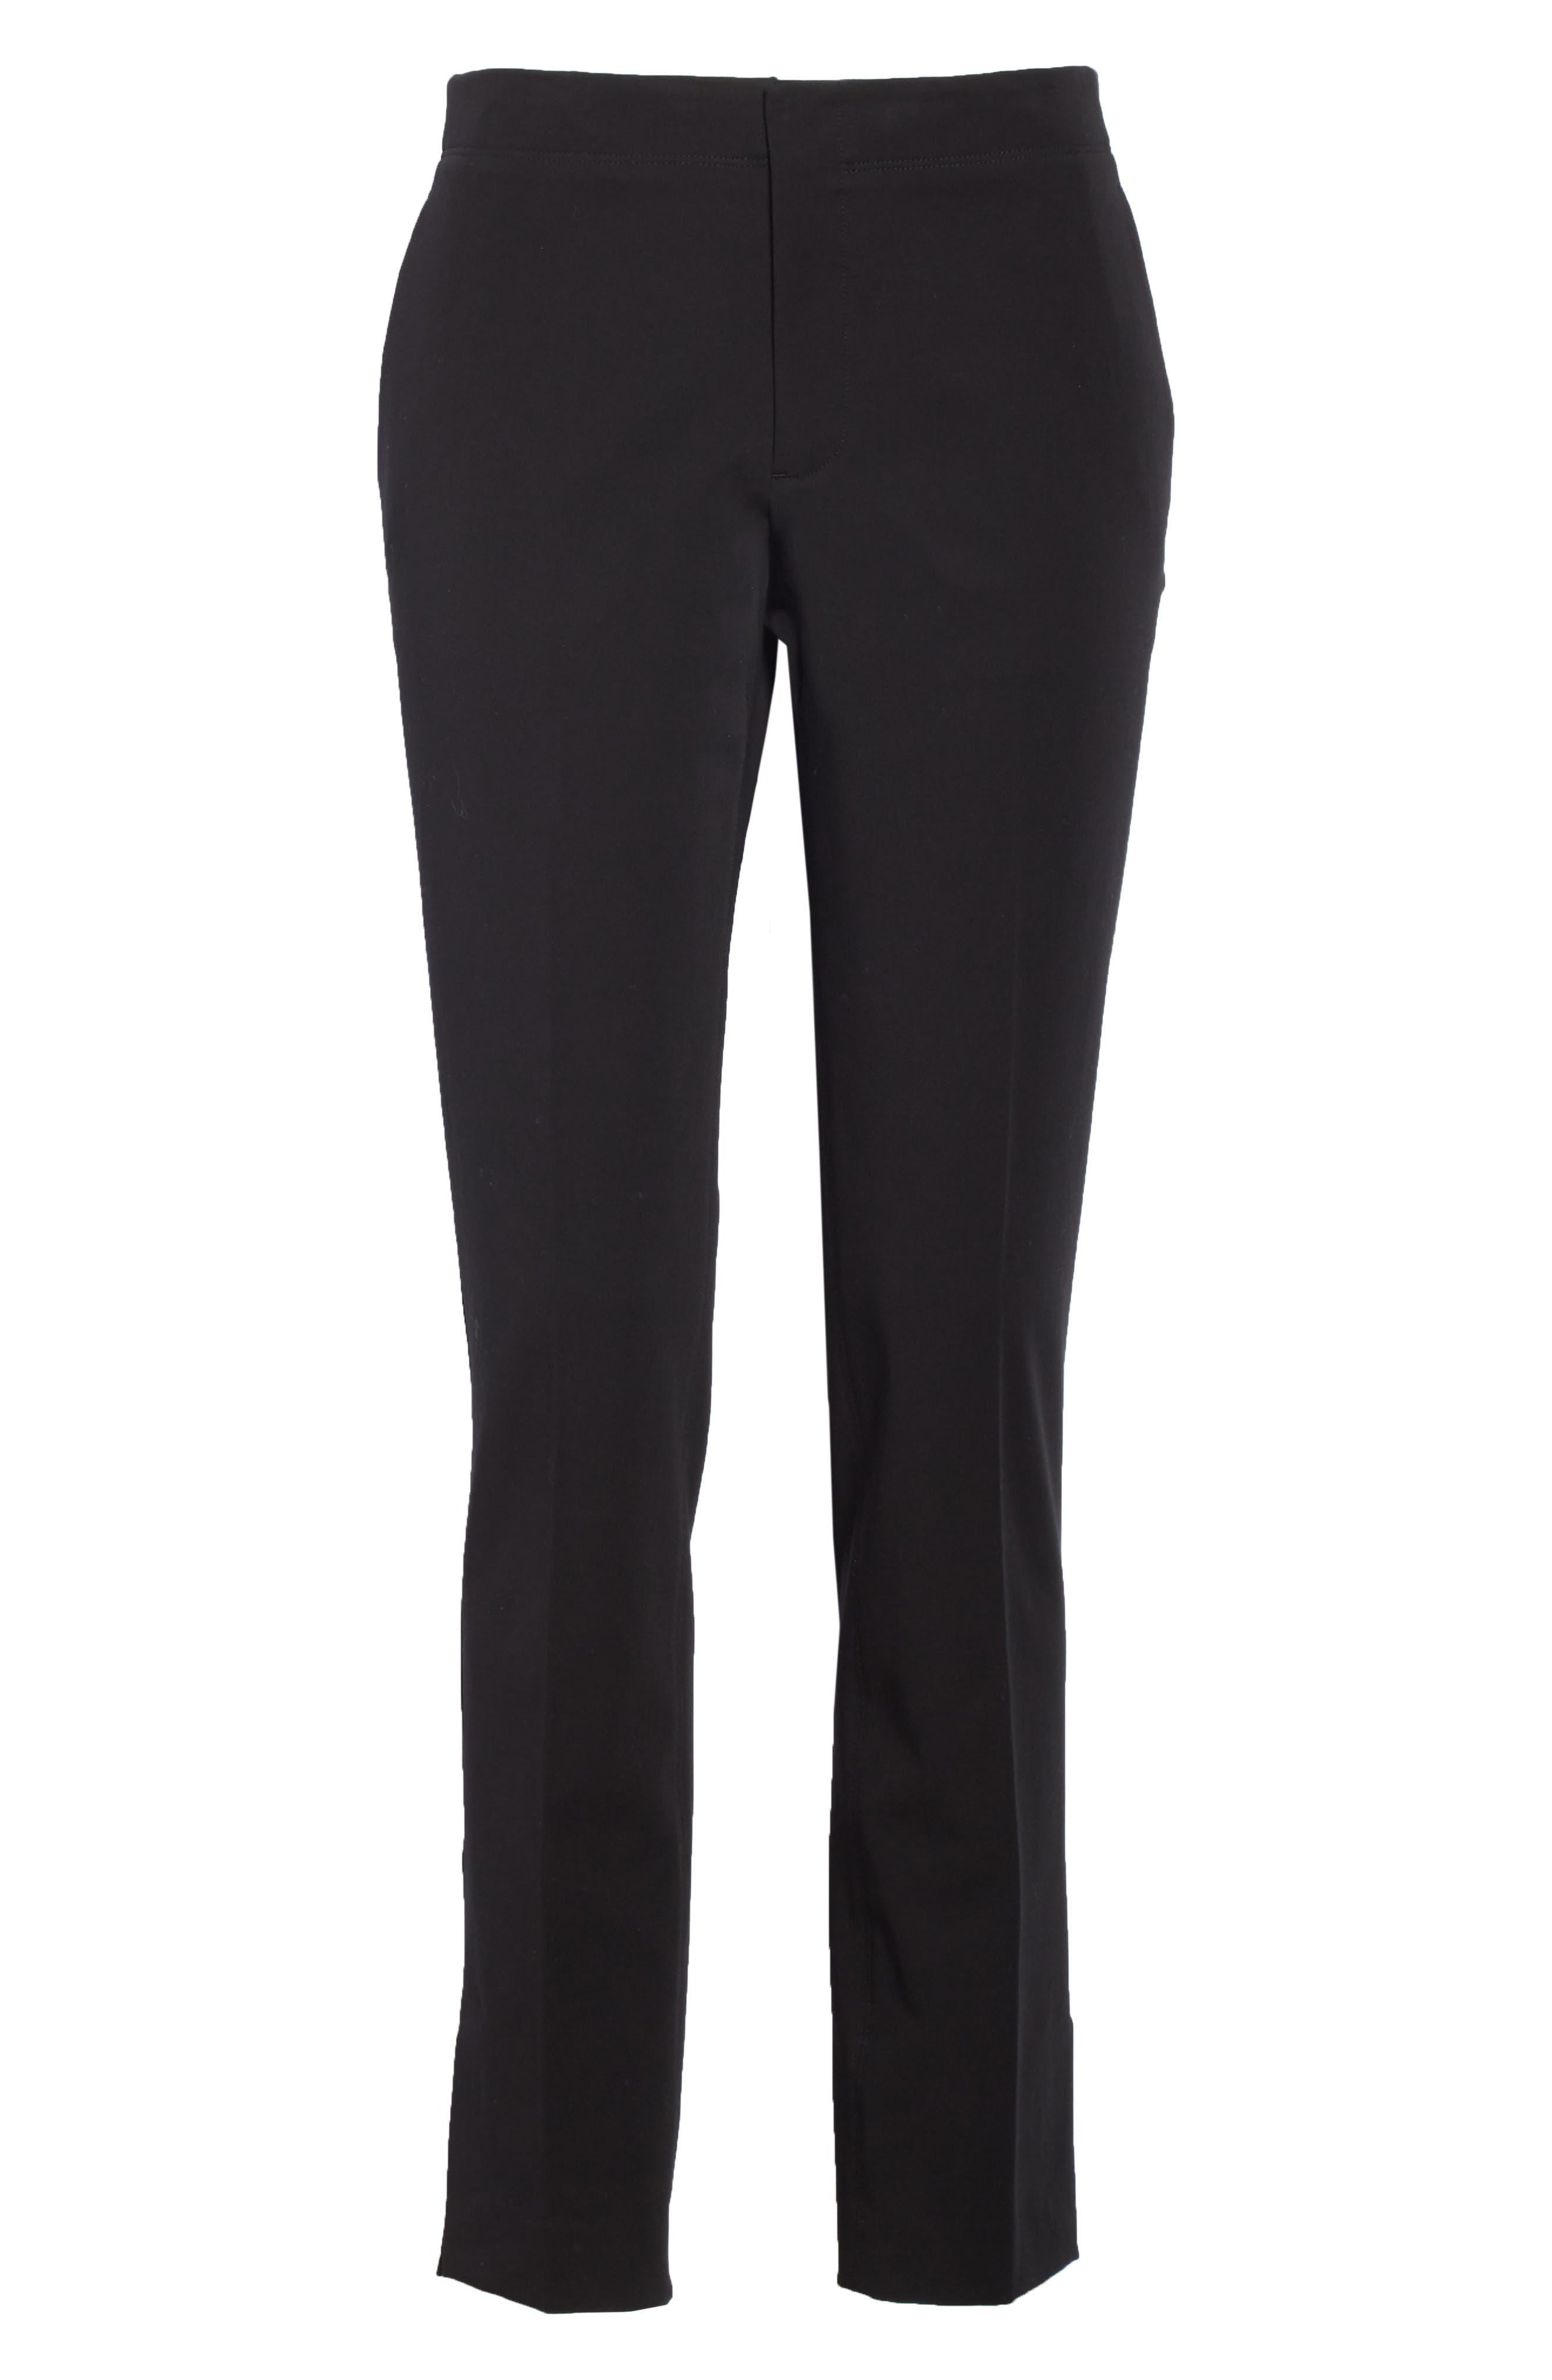 HELMUT LANG, Stretch Cotton Slim Trousers, Alternate thumbnail 6, color, BLACK